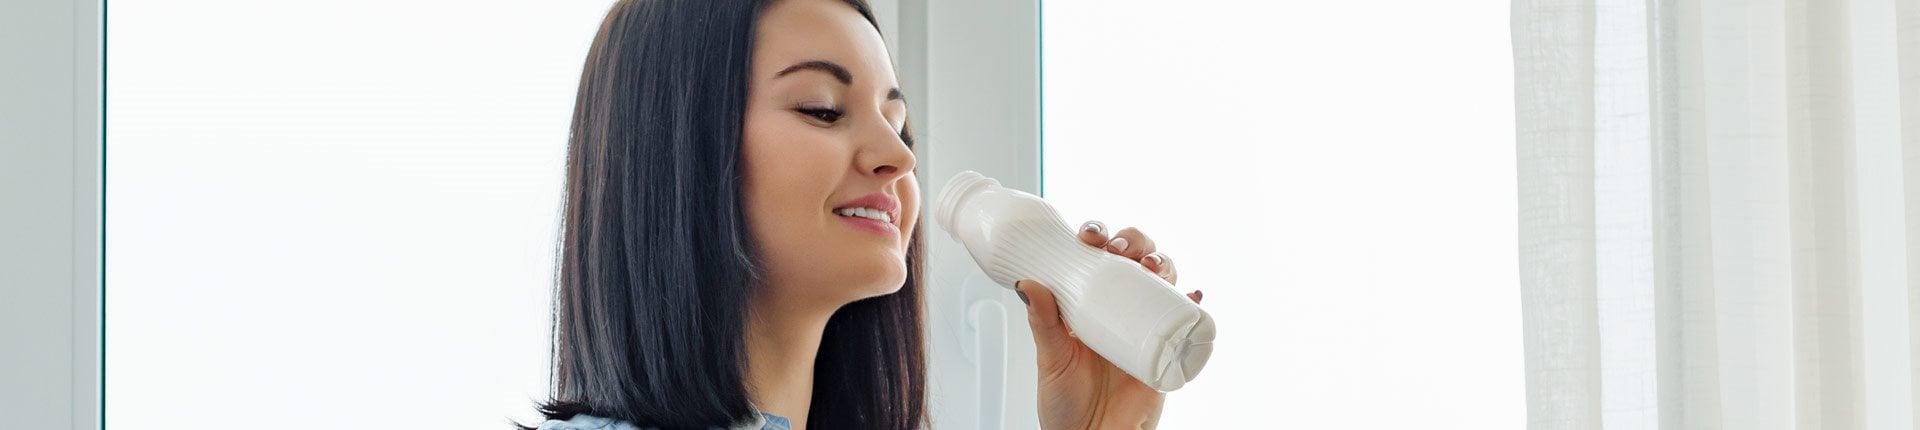 Co pić na zdrowe jelita? 5 napojów dla zdrowia jelit